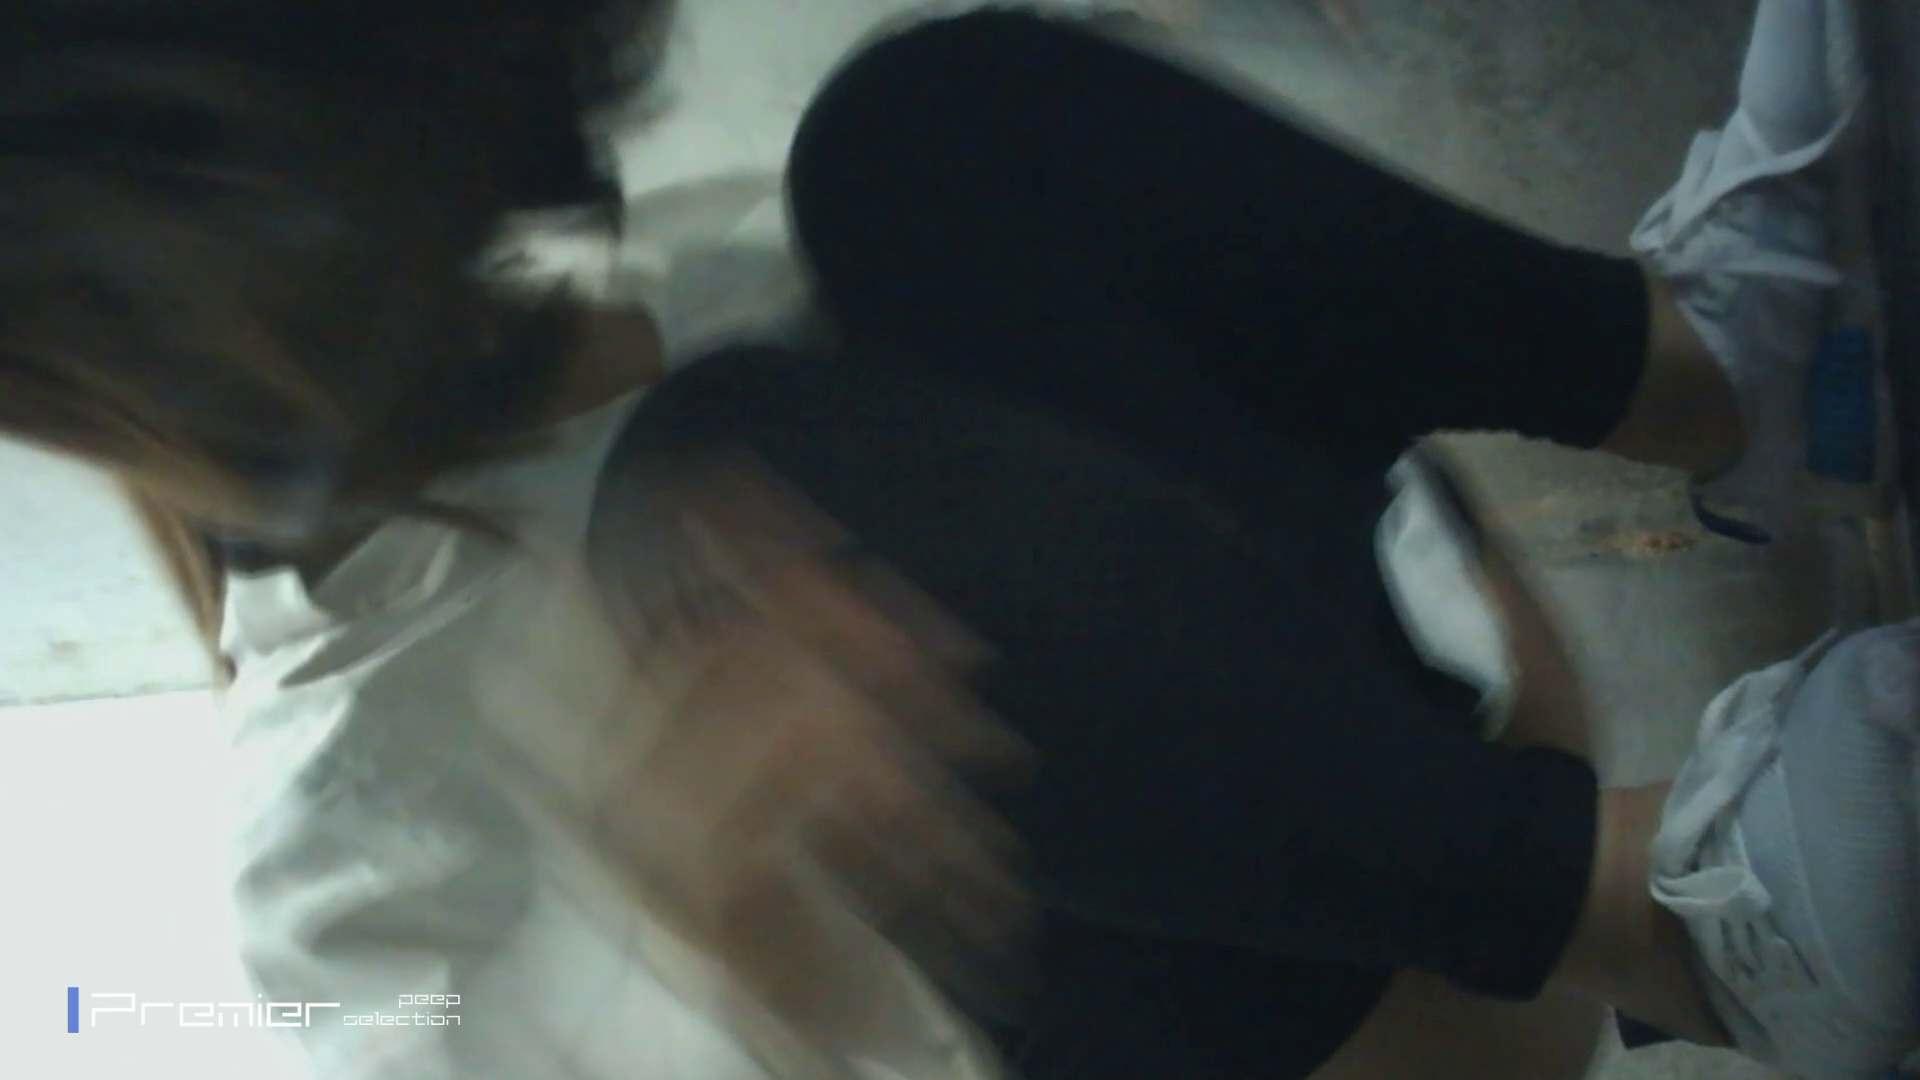 おとなしそうな女の子 トイレシーンを密着盗撮!! 美女の痴態に密着!Vol.24 トイレ中の女子達 エロ無料画像 100連発 39